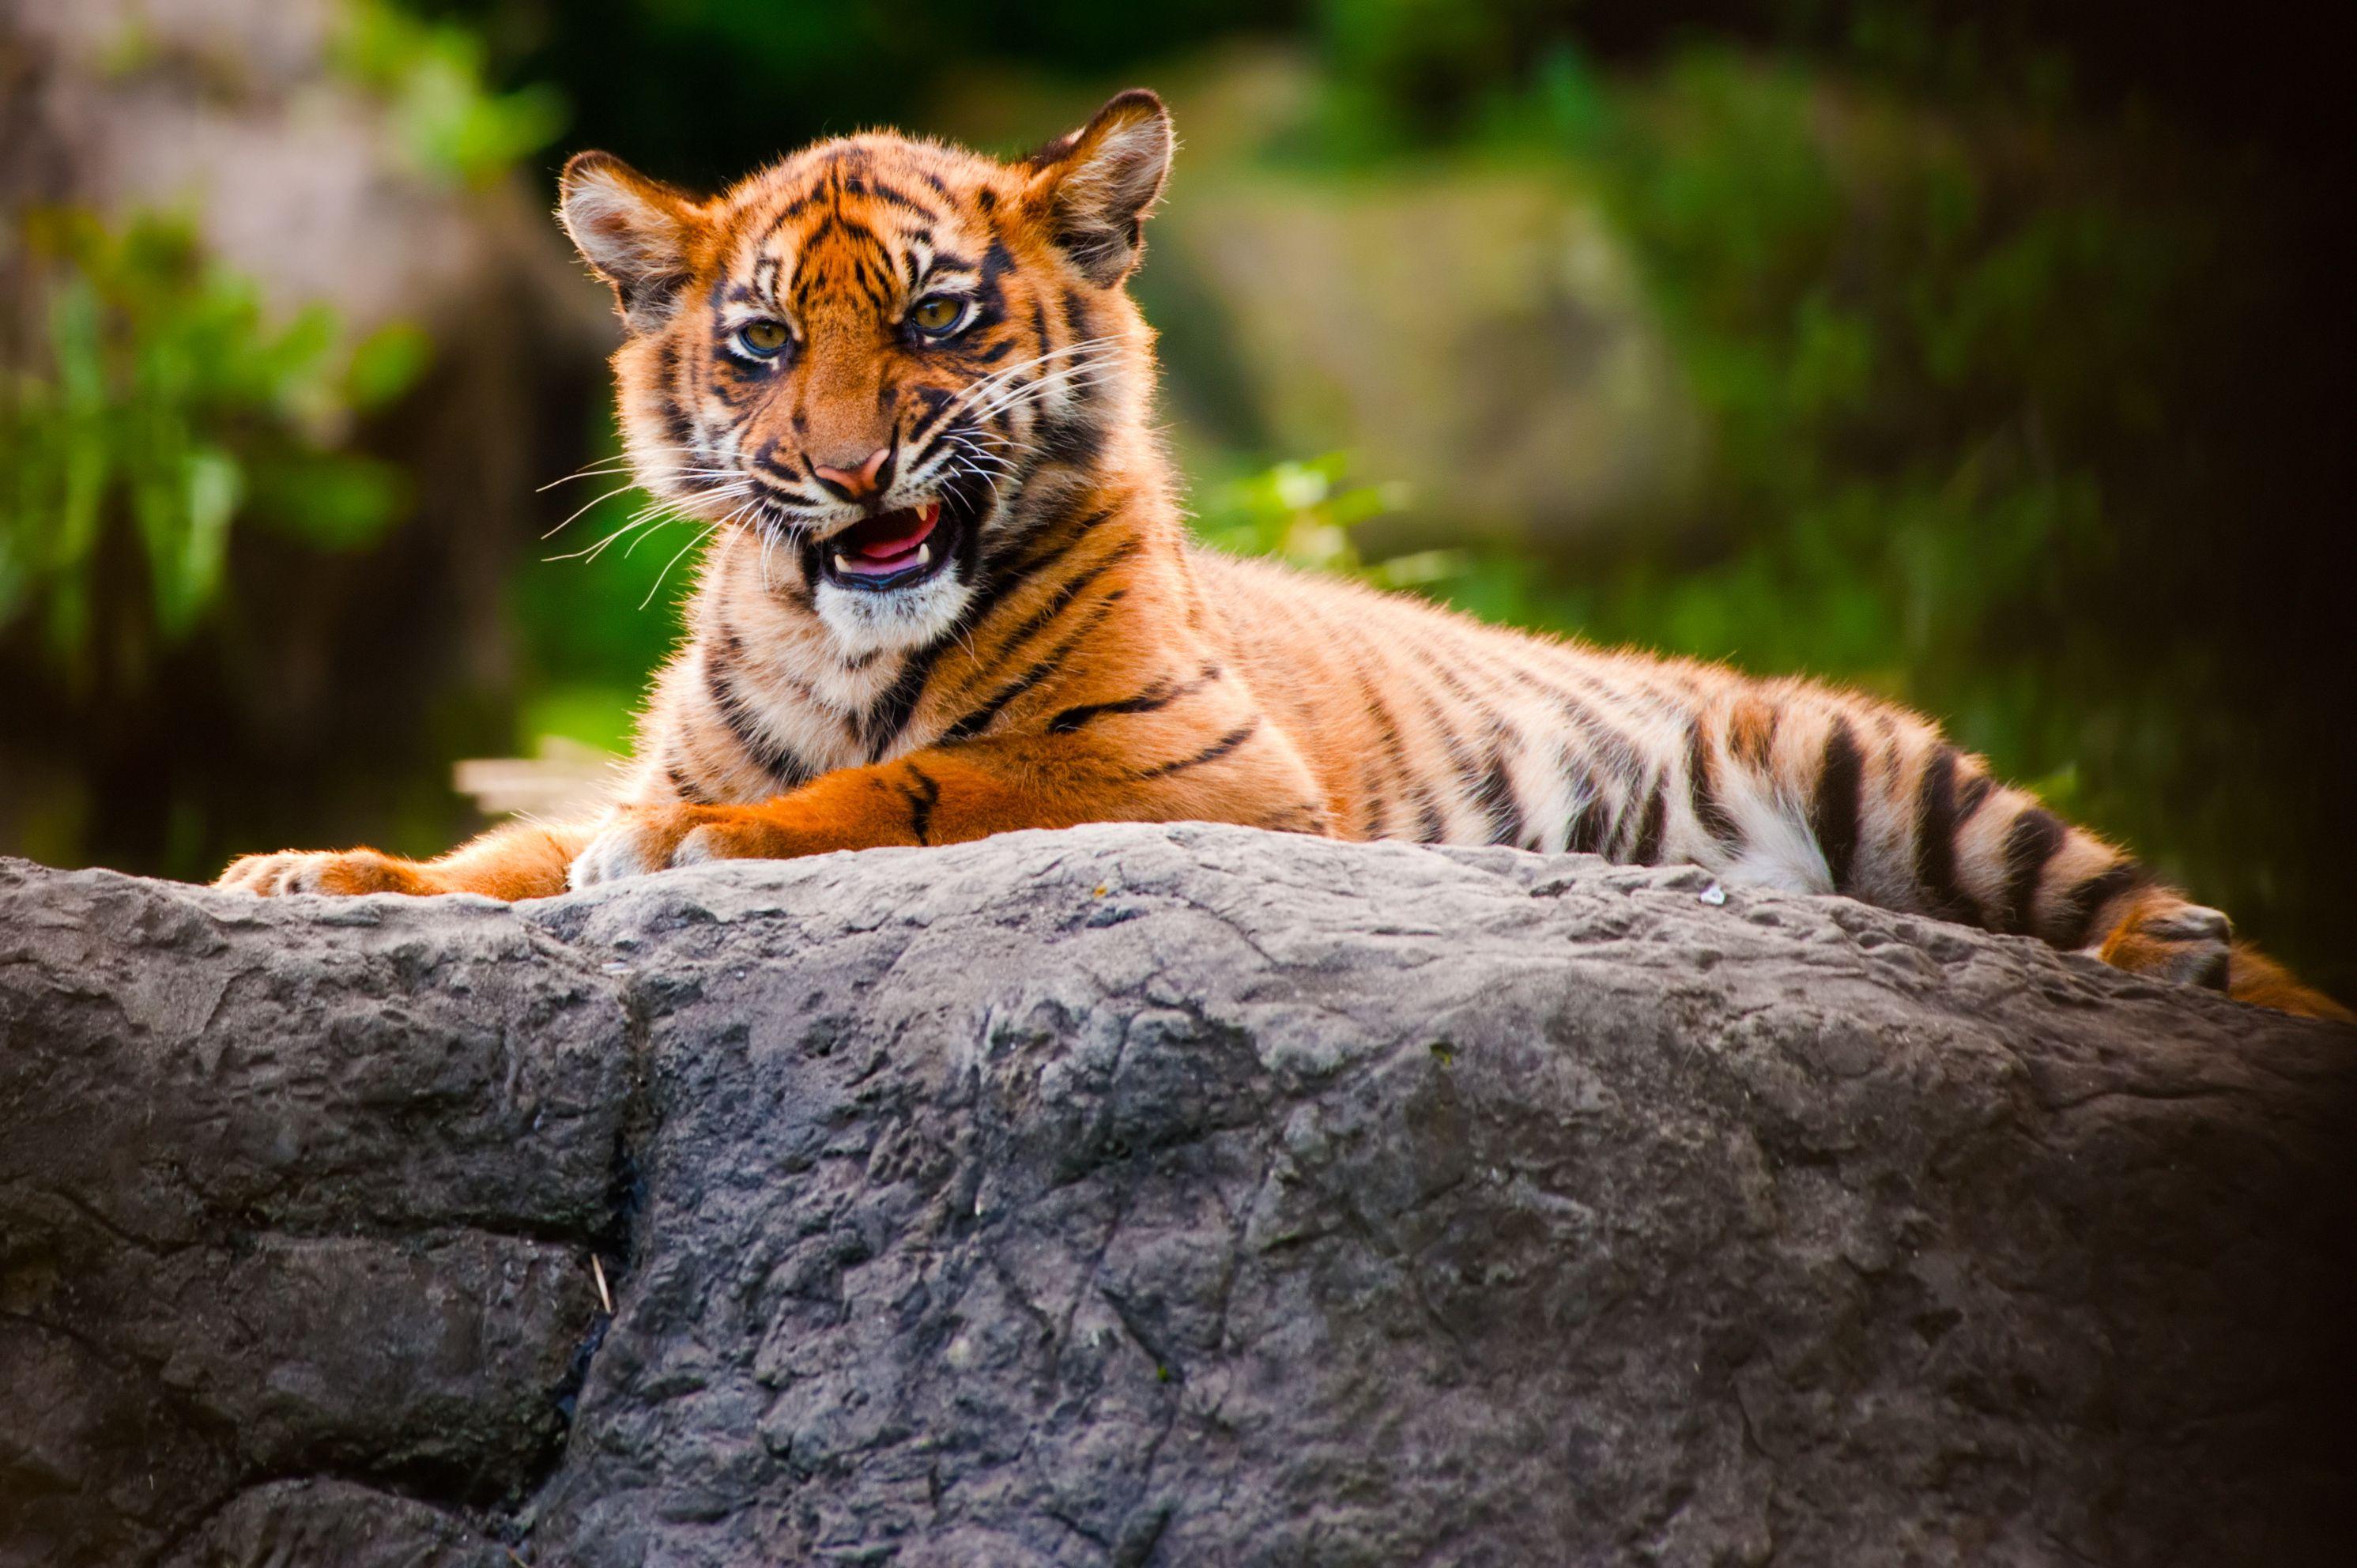 Os tigres são destaque do programa / Divulgação